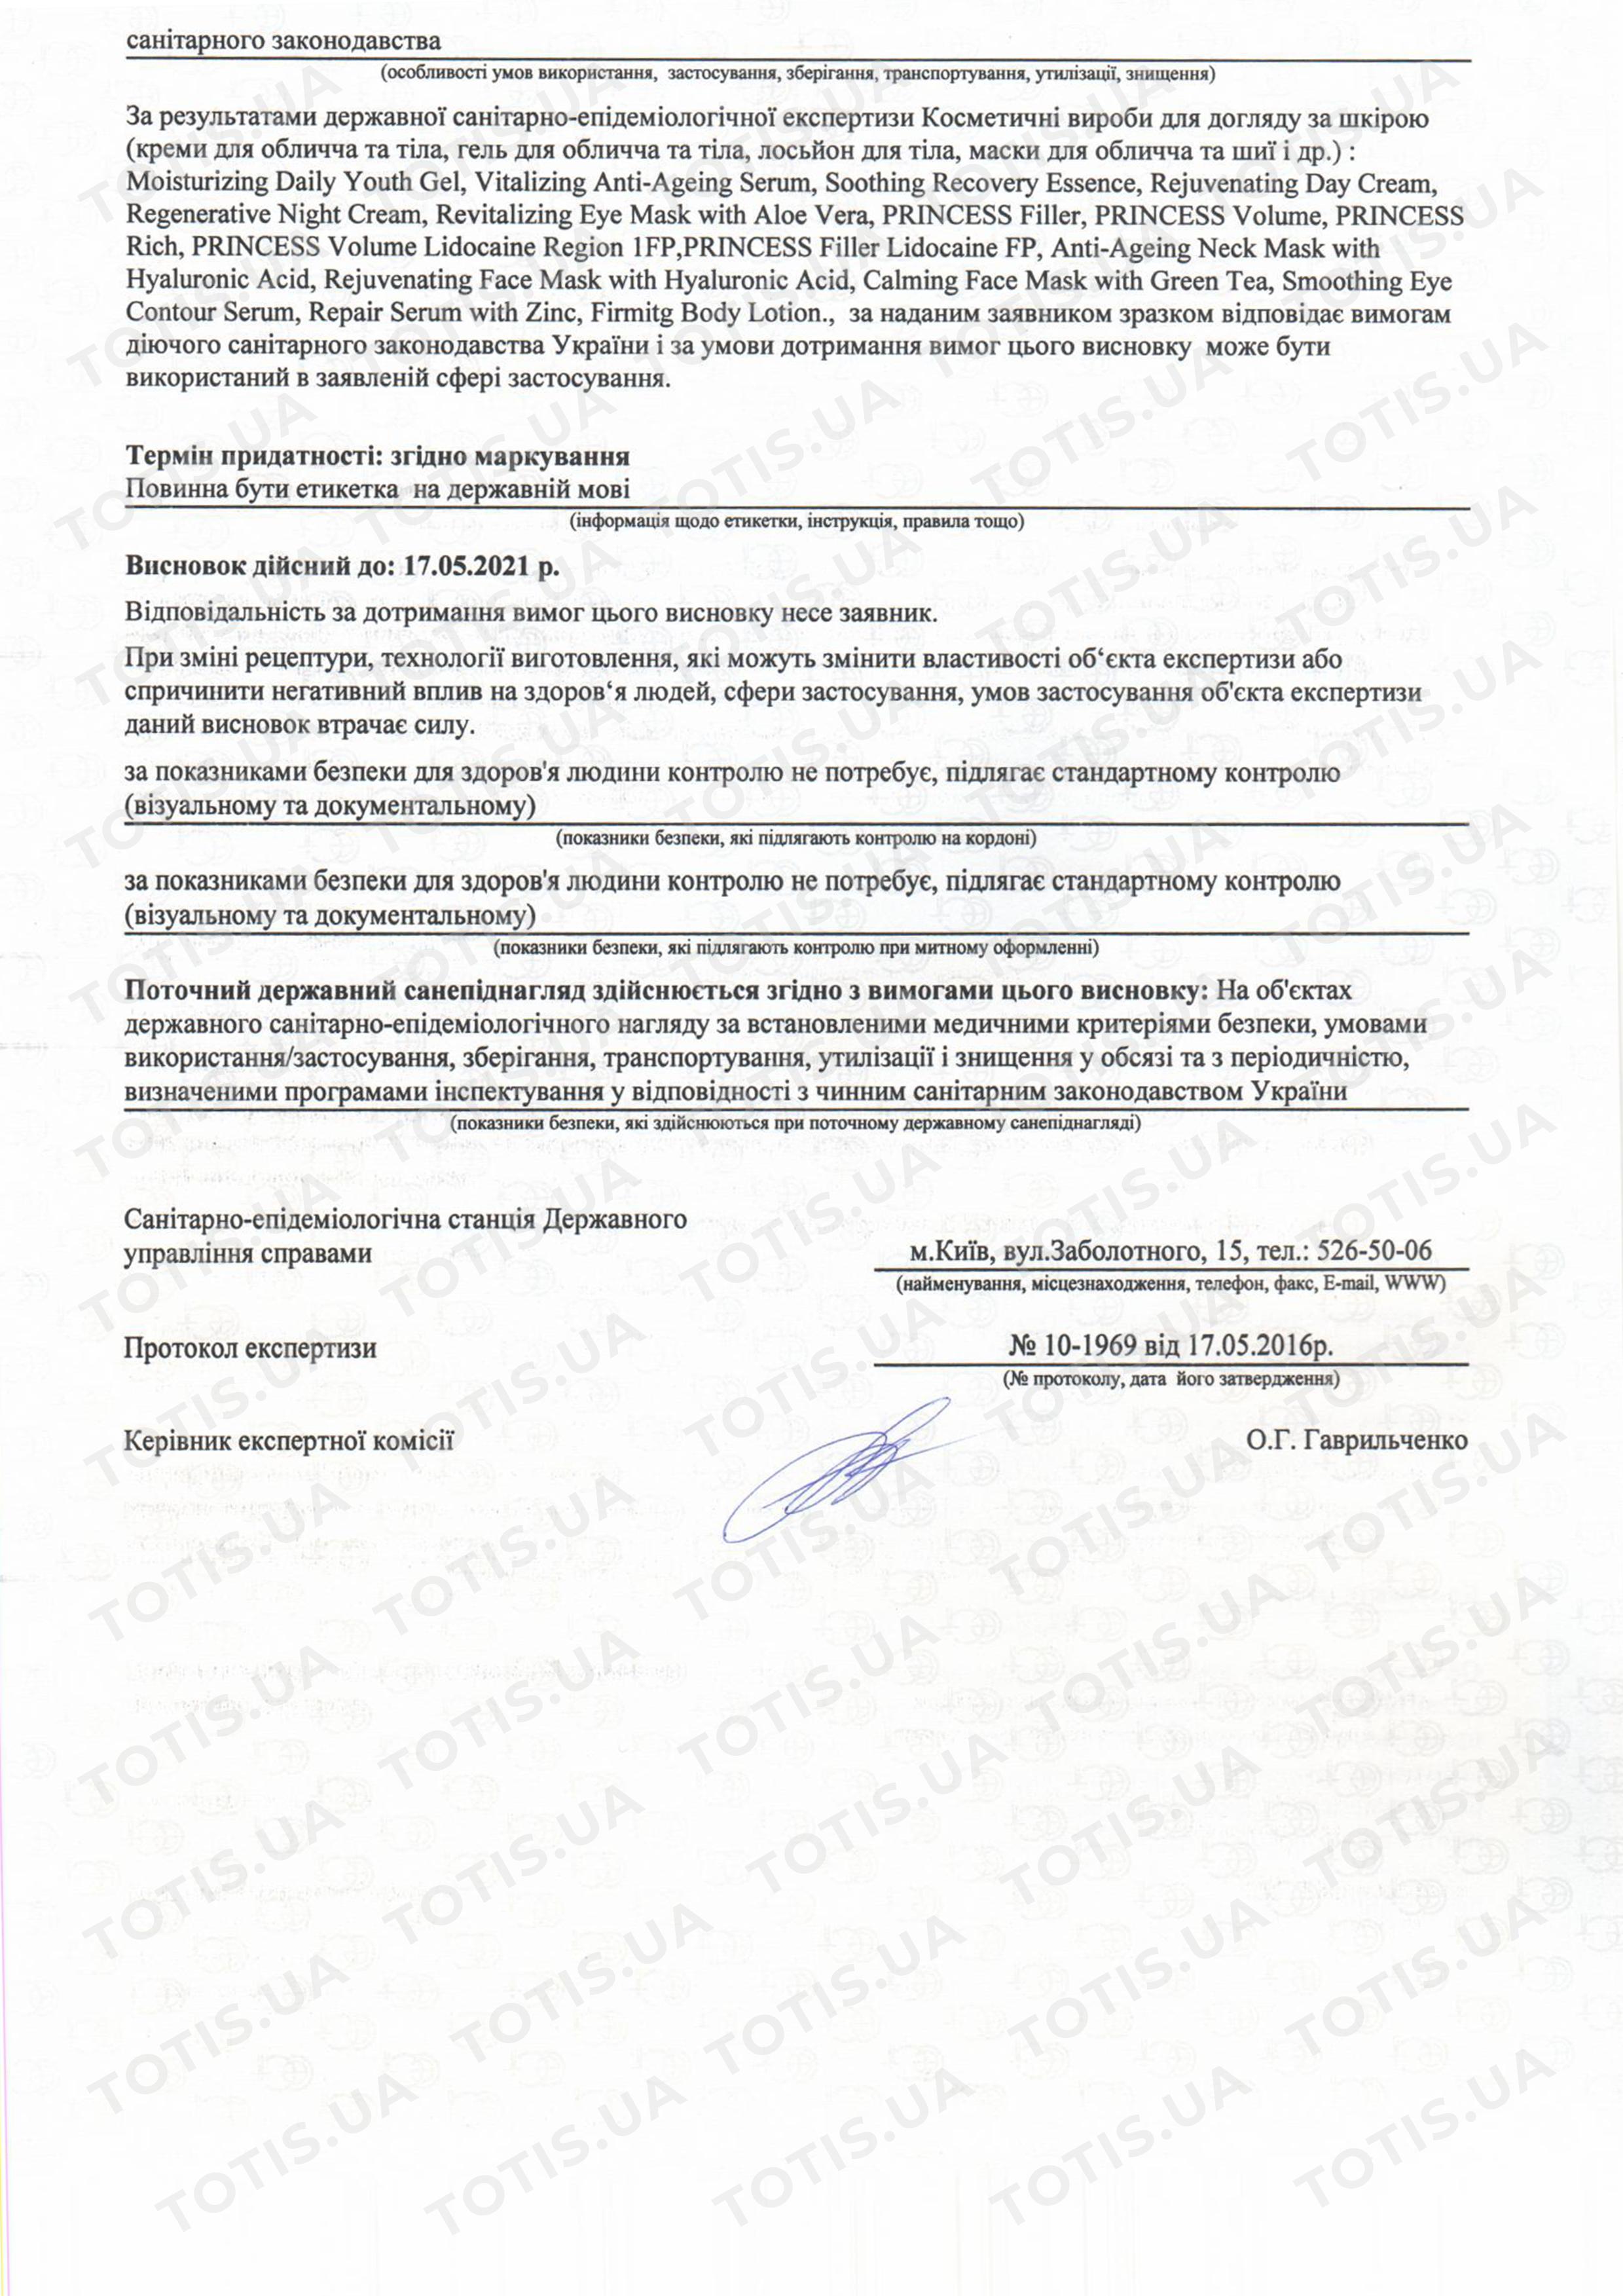 сертификат филлеров Принцесс